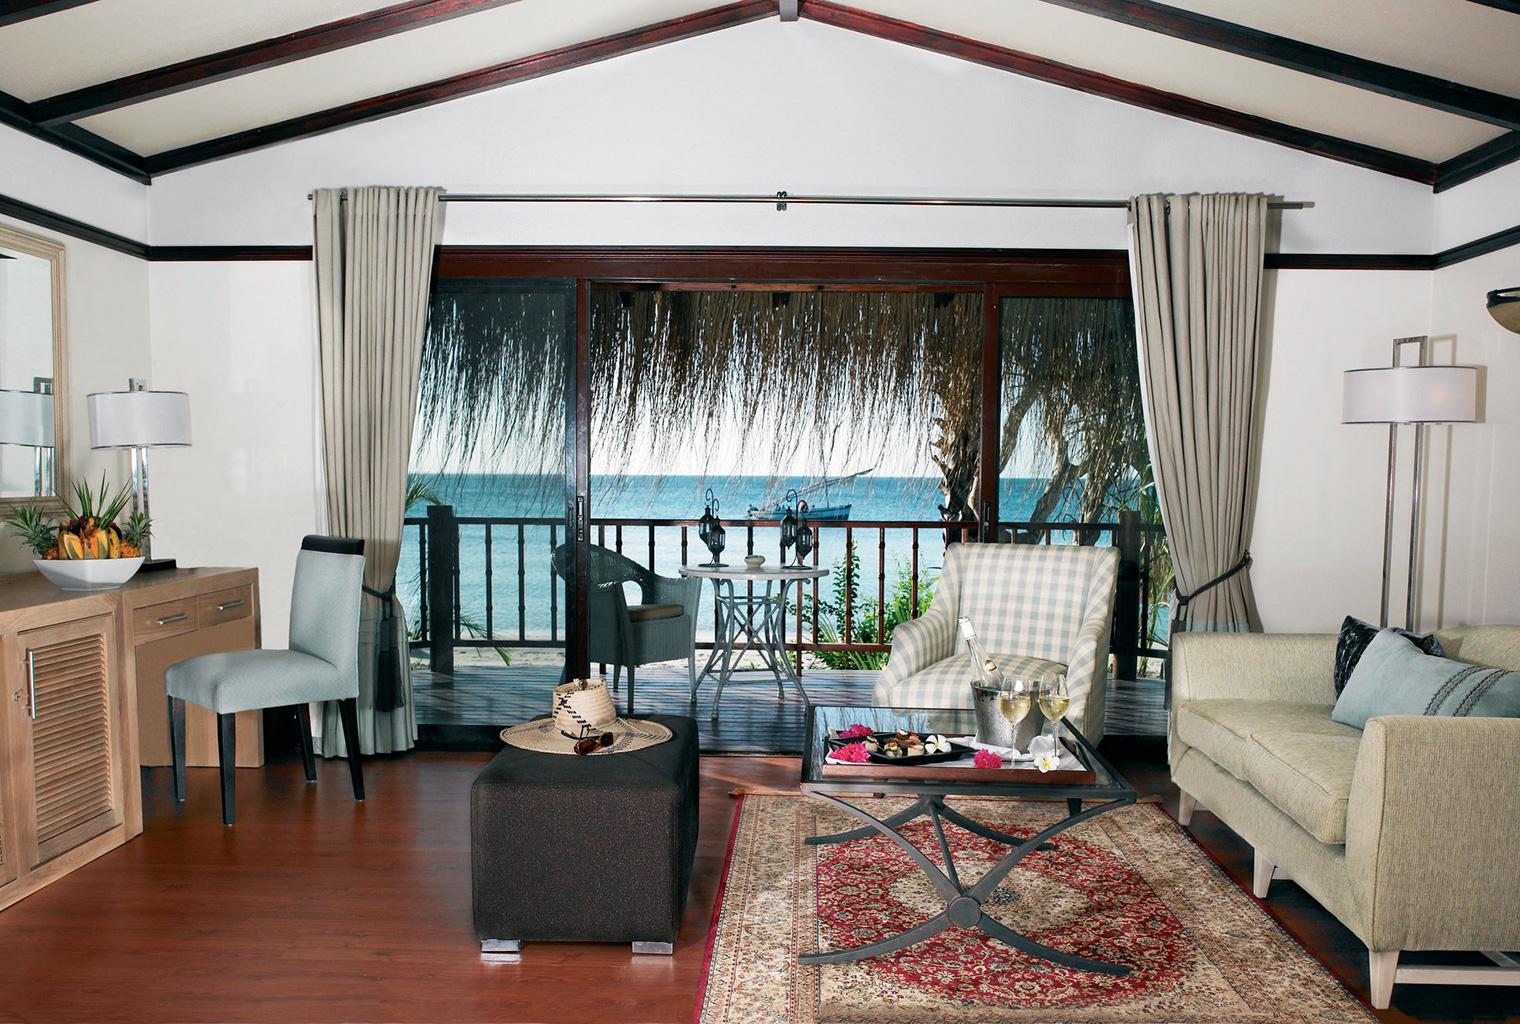 Bazaruto-Resort-and-Spa-Mozambique-Lounge